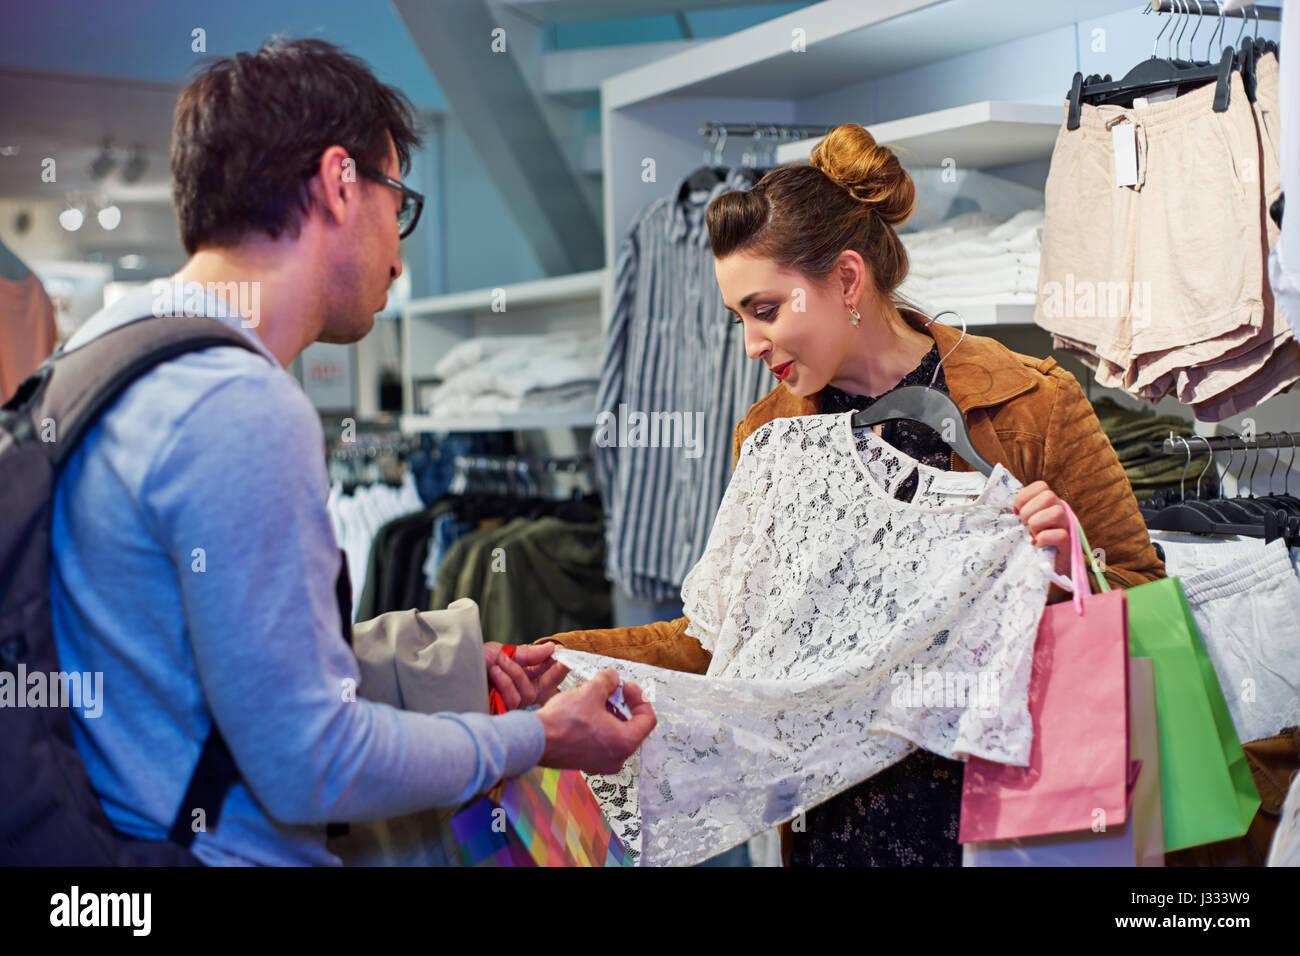 La mujer y el hombre en la tienda de ropa Imagen De Stock